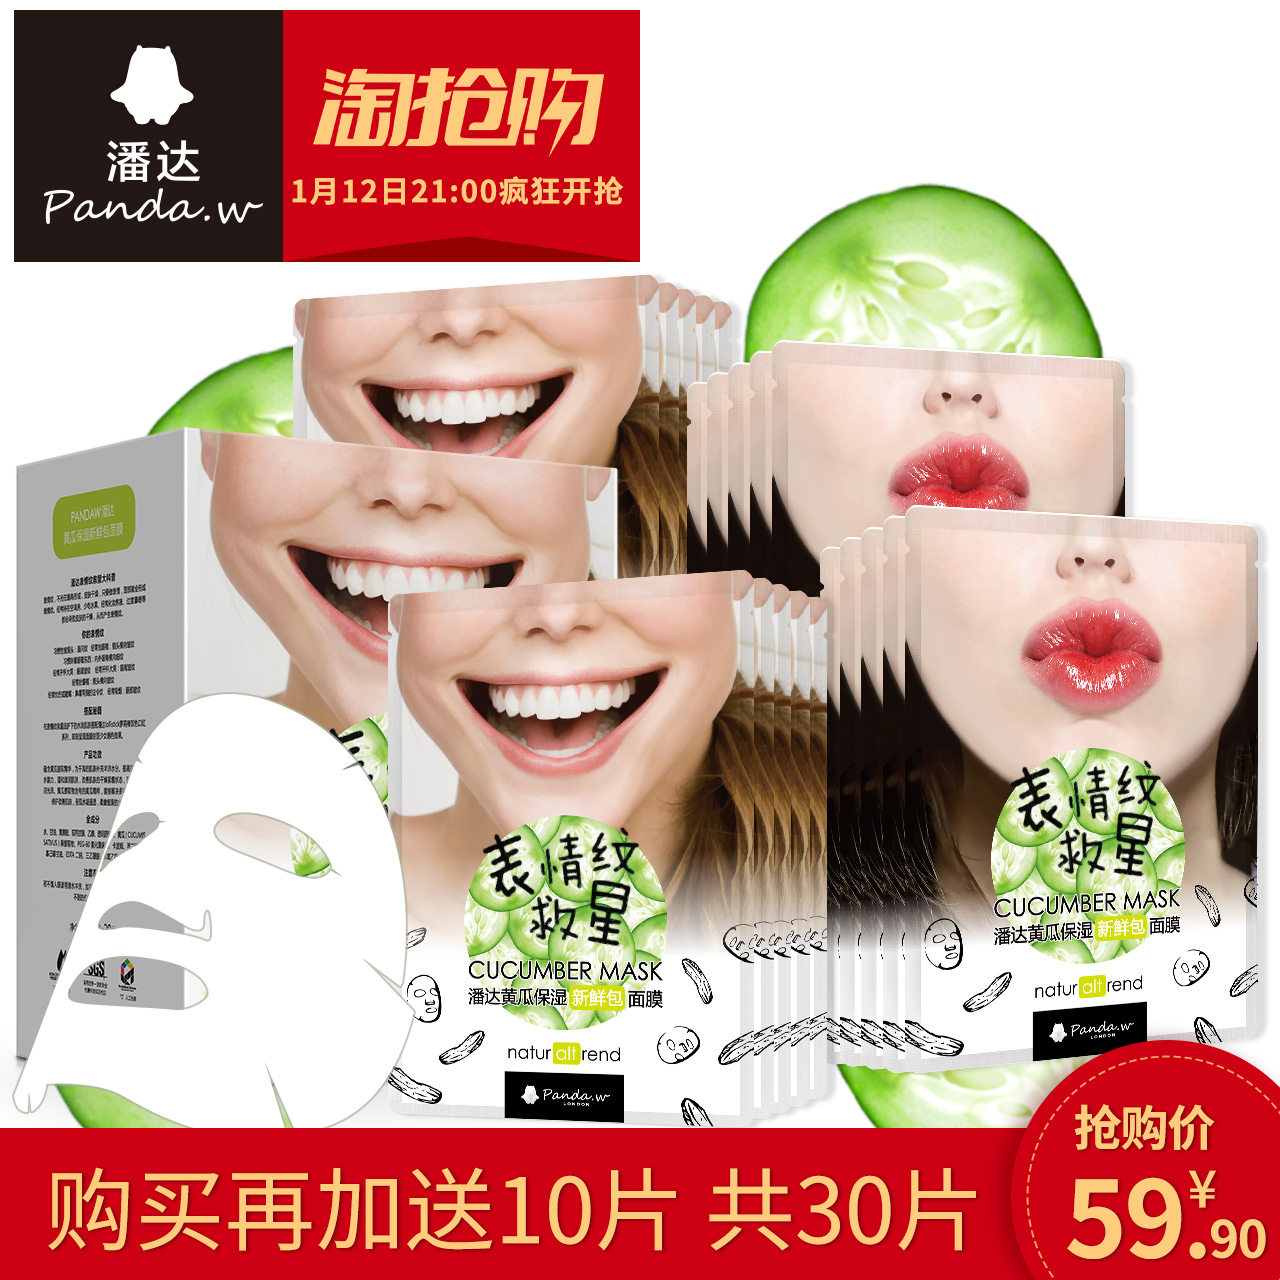 pandaw潘达 黄瓜保湿补水新鲜面膜20片 保湿控油收缩毛孔面膜女